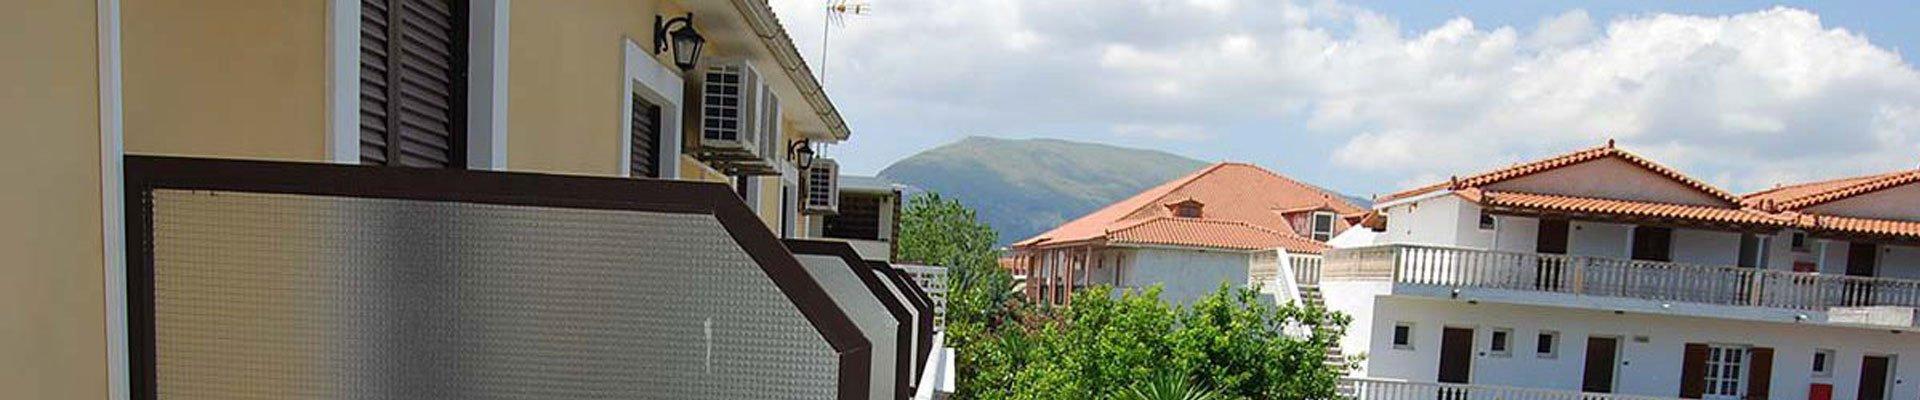 Vila Marinos Zakintos